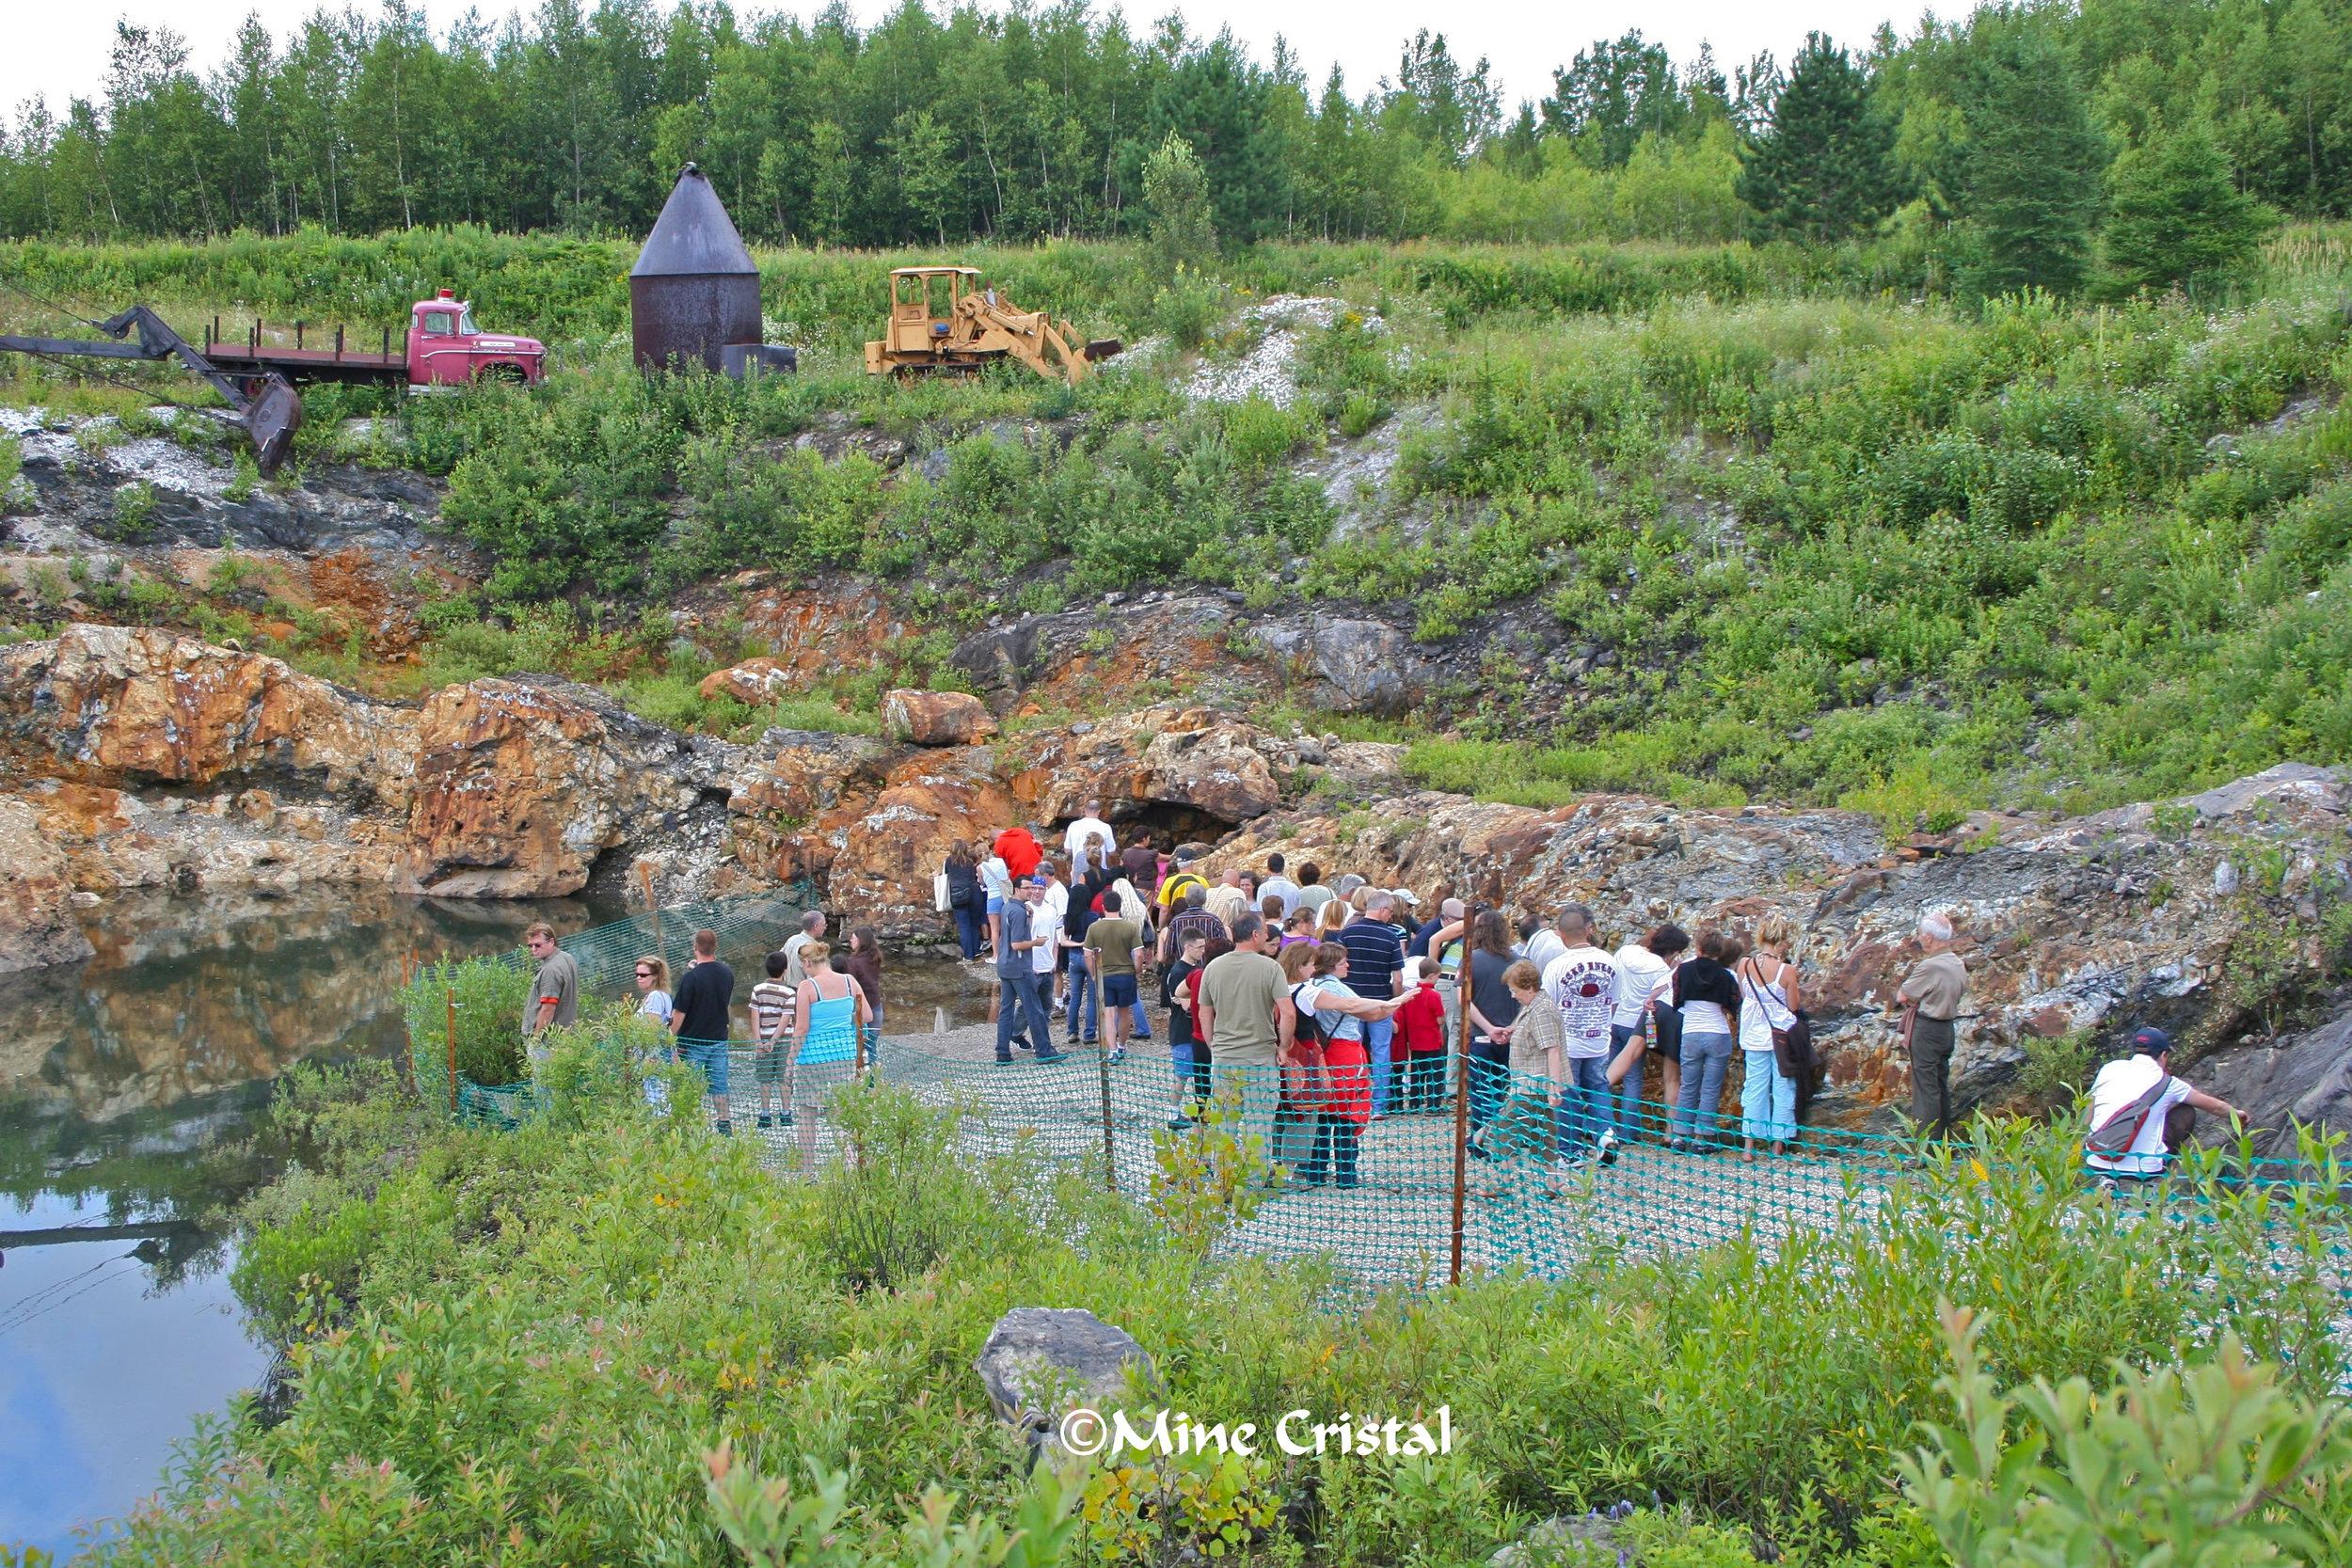 Les participants à la visite examinent notre mine de cristal et admirent le site géologique unique. Une veine de quartz blanc massif avec des cristaux scintillants.